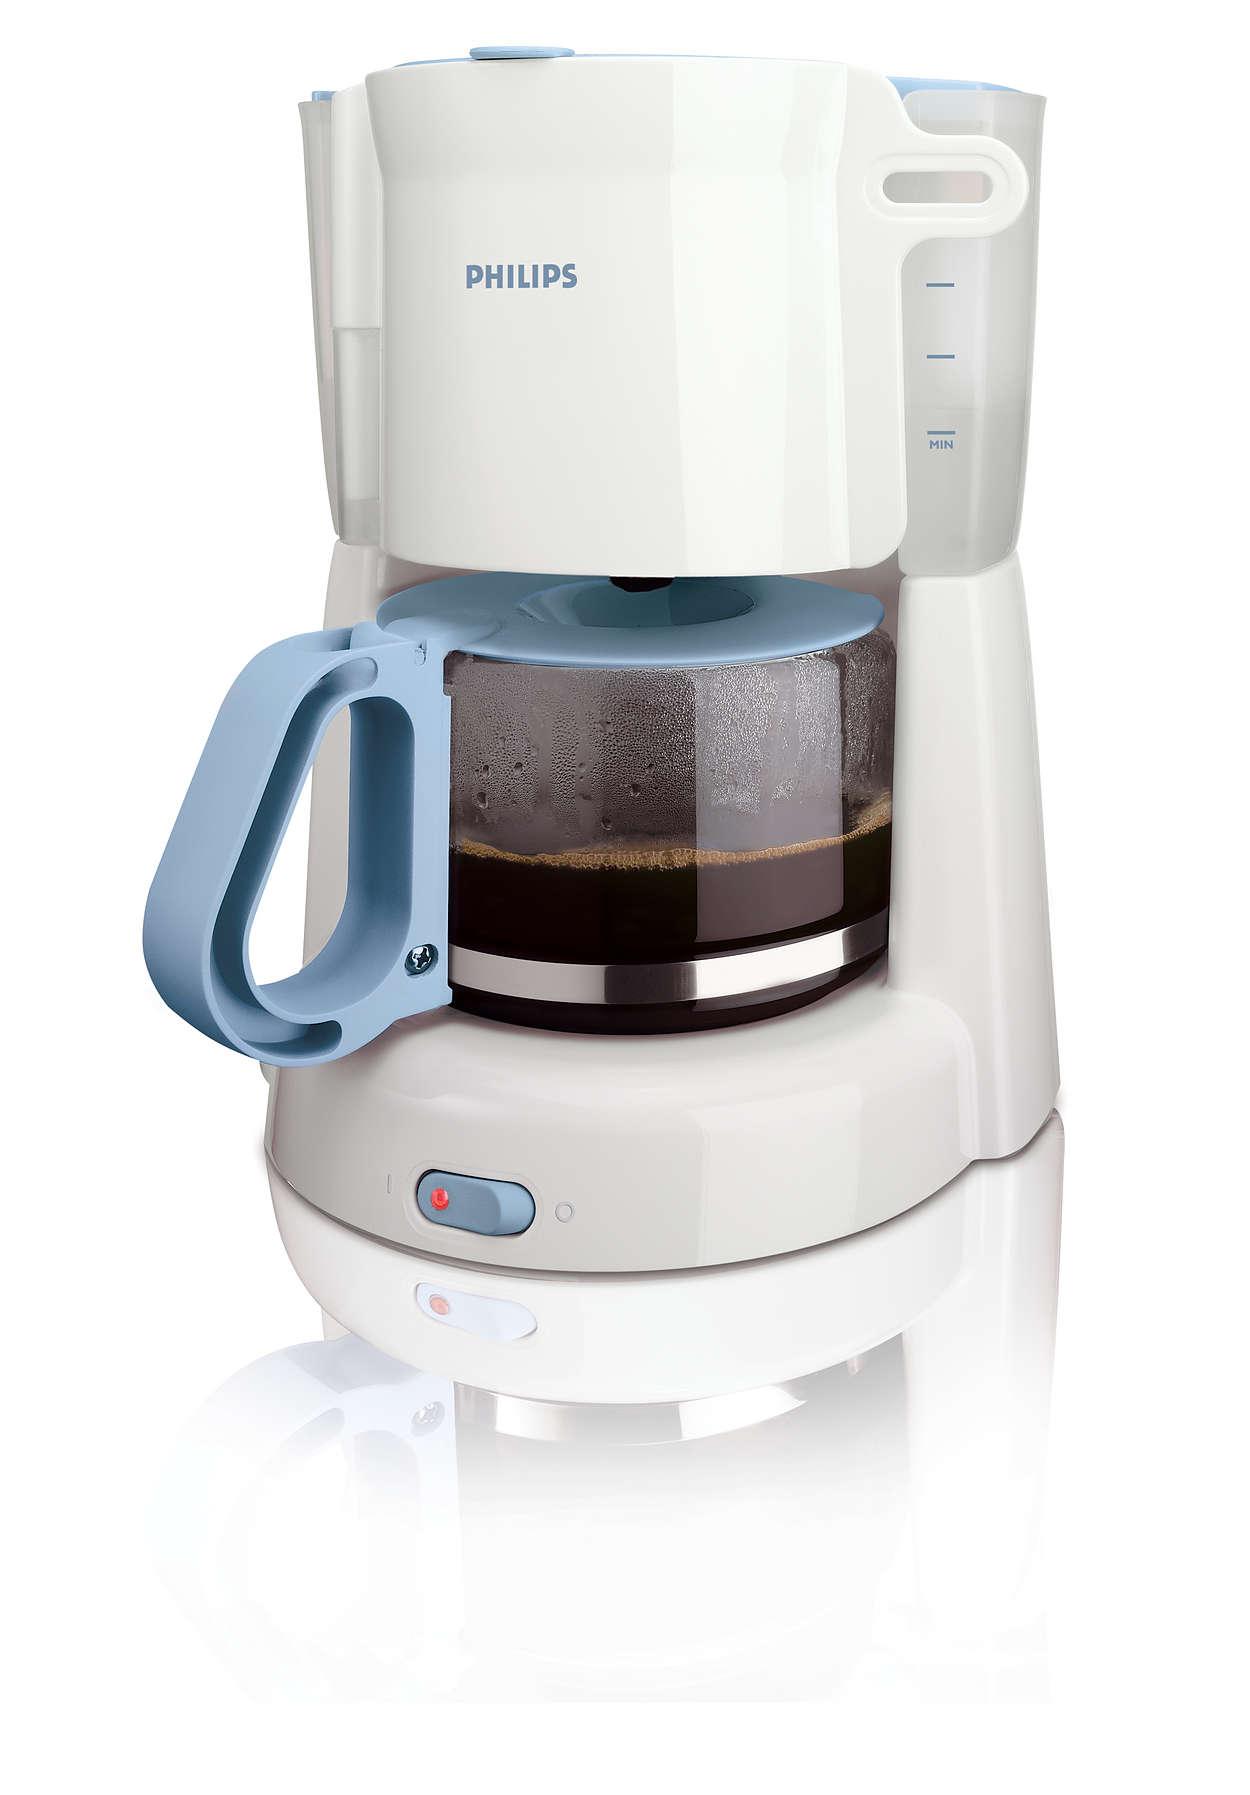 Obtenha um bom café facilmente